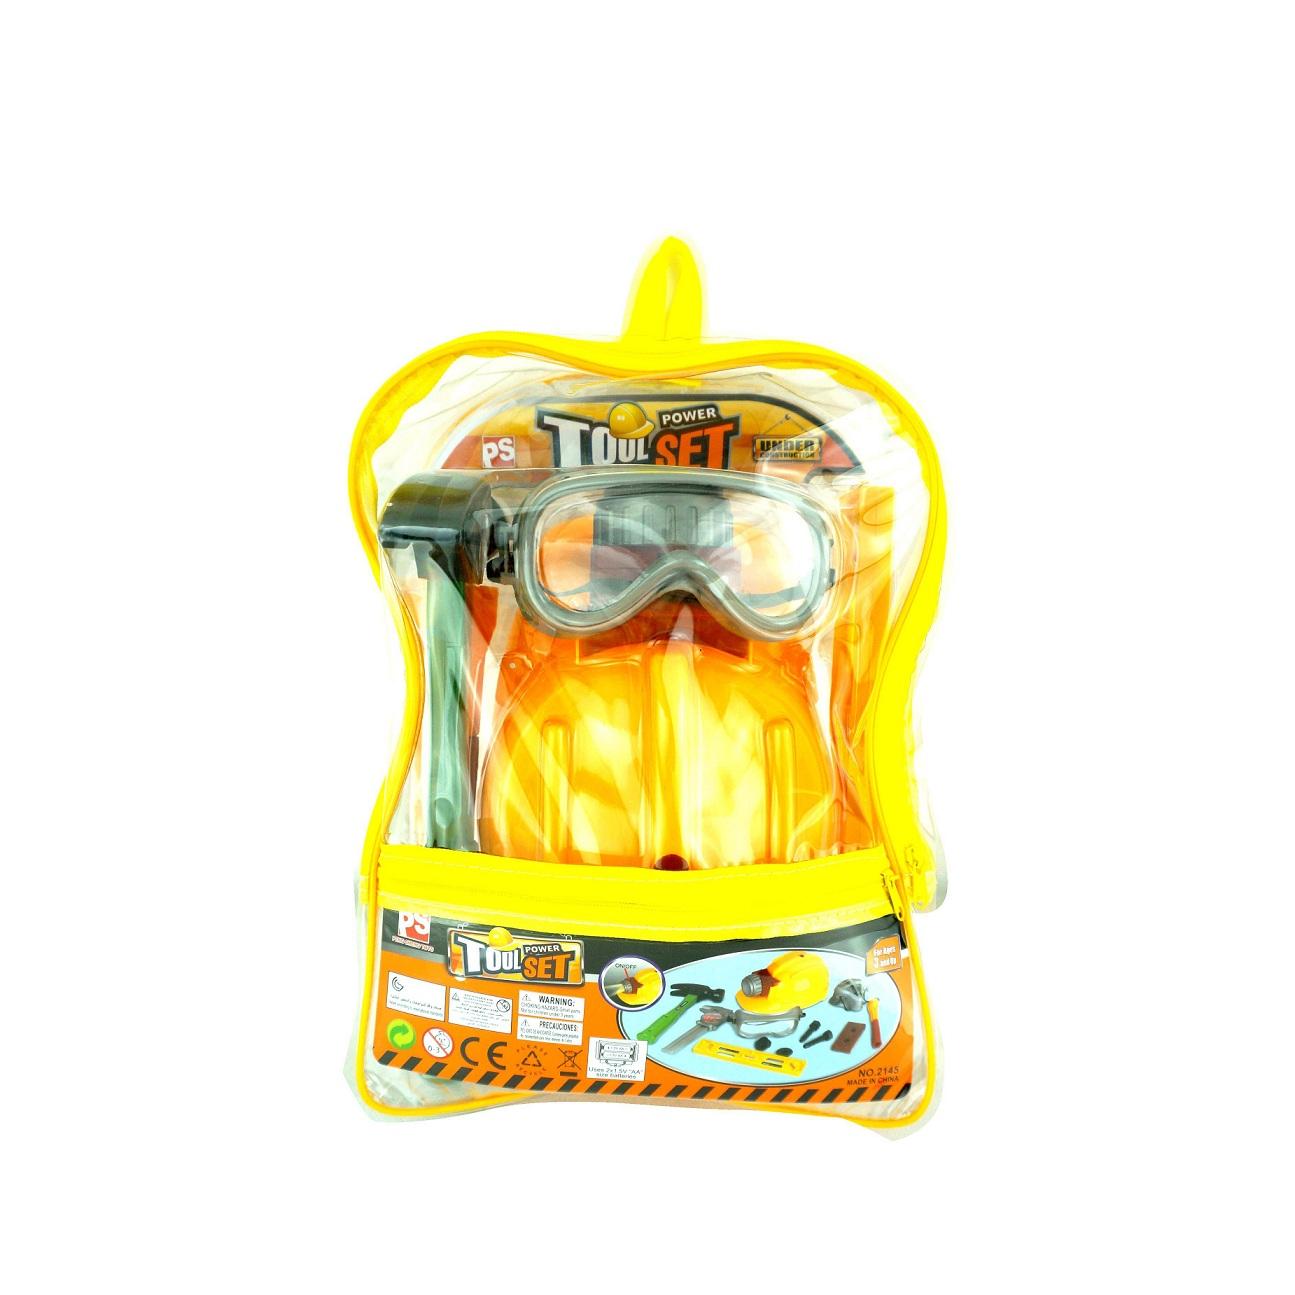 Набор инструментов в прозрачном рюкзаке, 10 предметов - Детские мастерские, инструменты, артикул: 172060